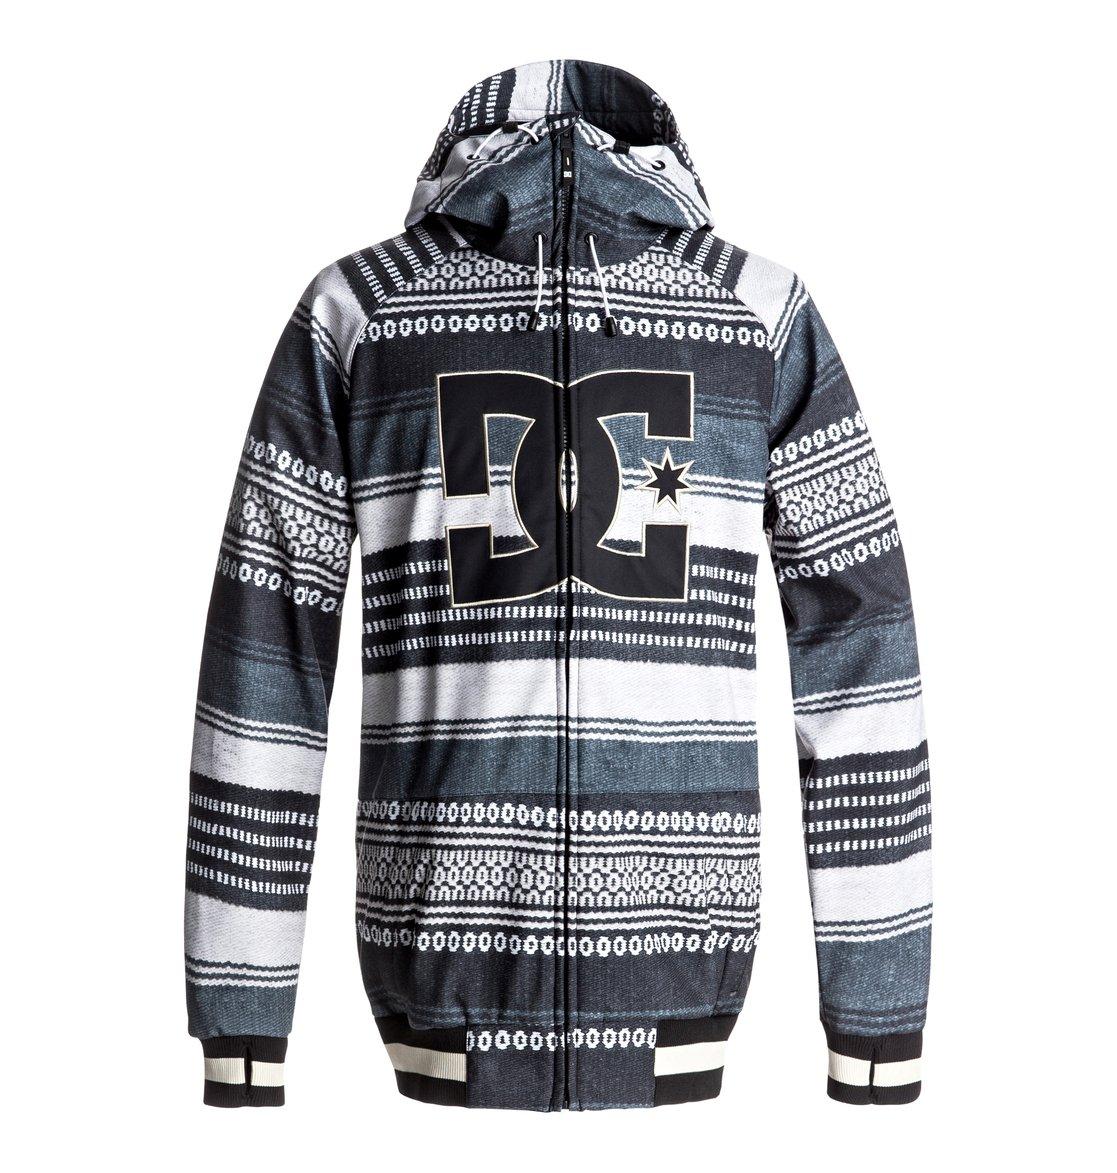 Сноубордическая куртка Spectrum EDYTJ03053